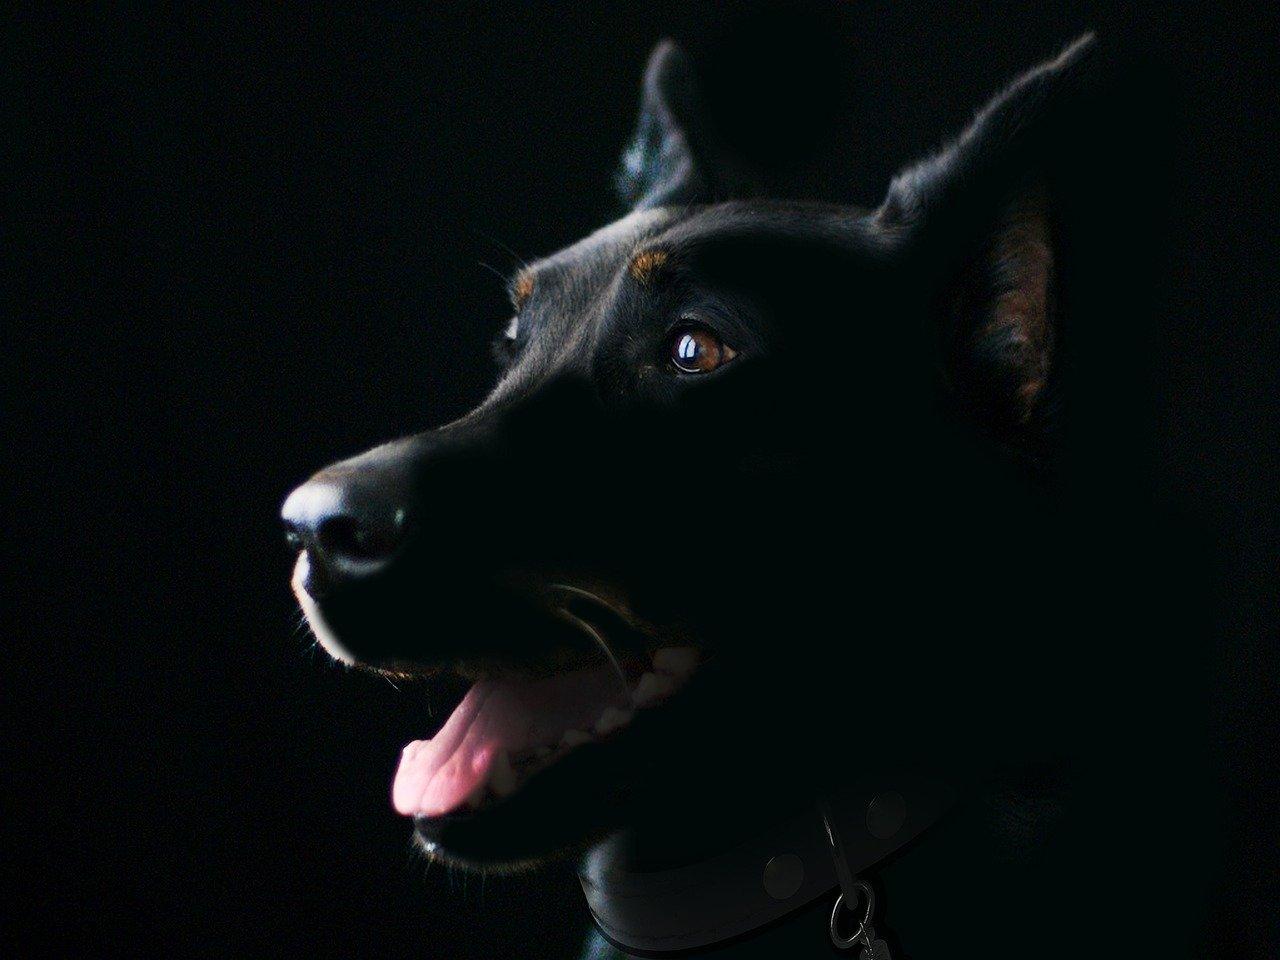 В Тверской области следователи проверяют информацию о нападении собаки на женщину - новости Афанасий